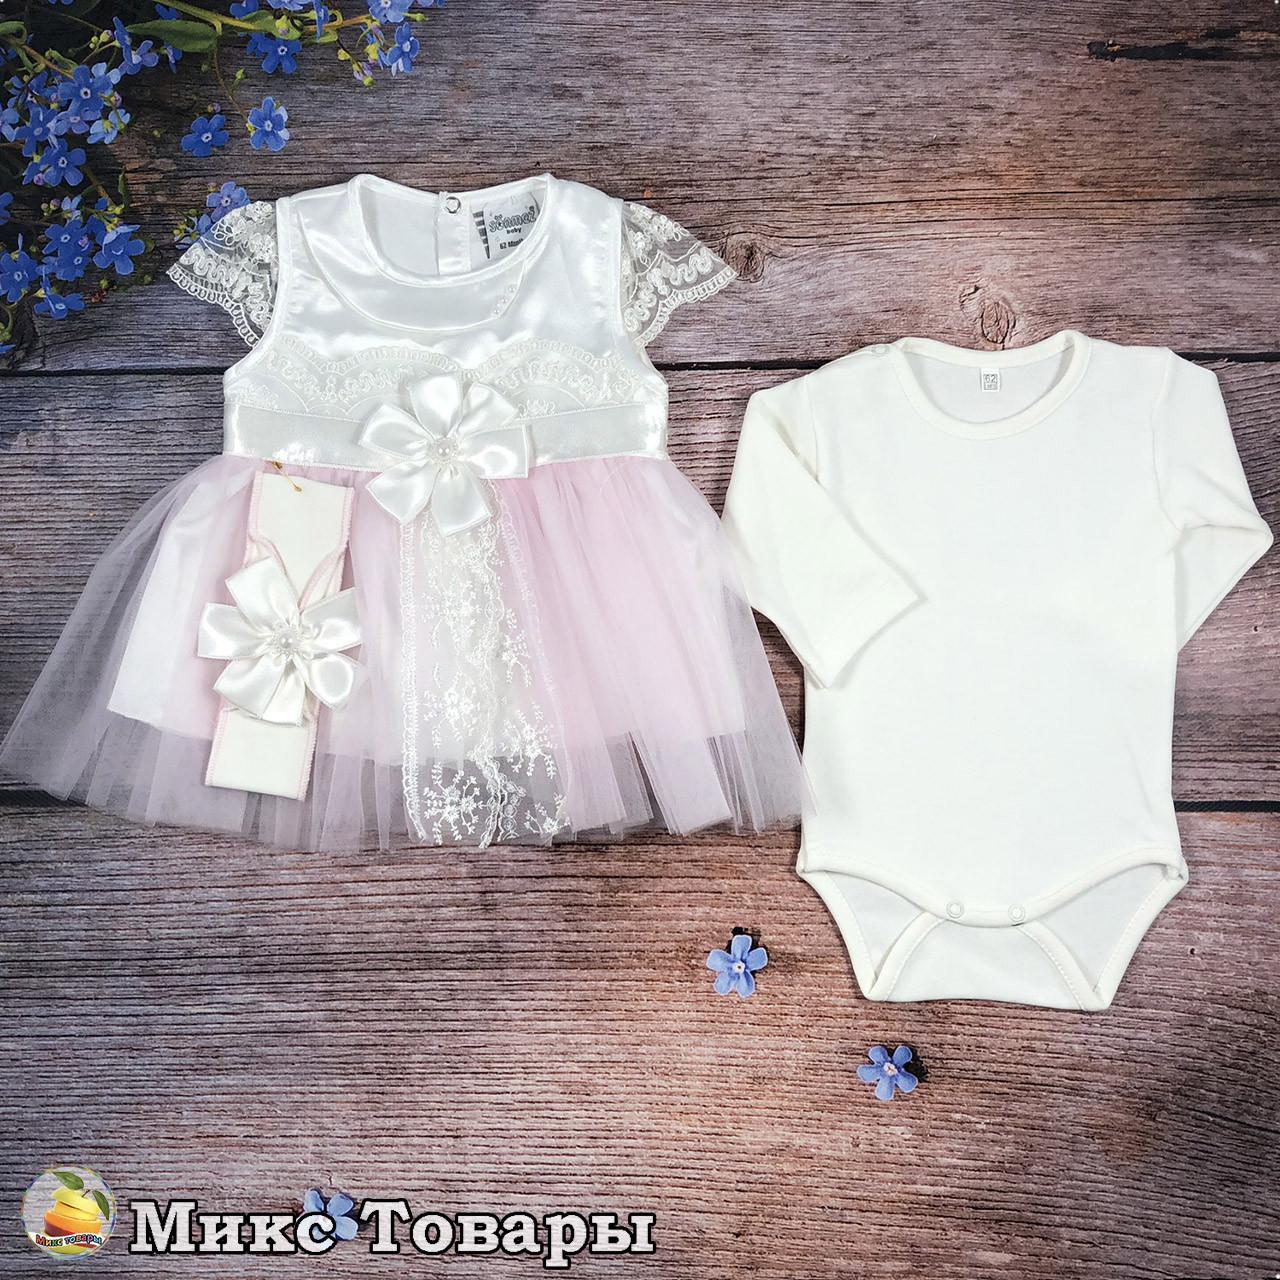 Платье с фатином, бодик и повязка Размеры: 62 см (8283-1)